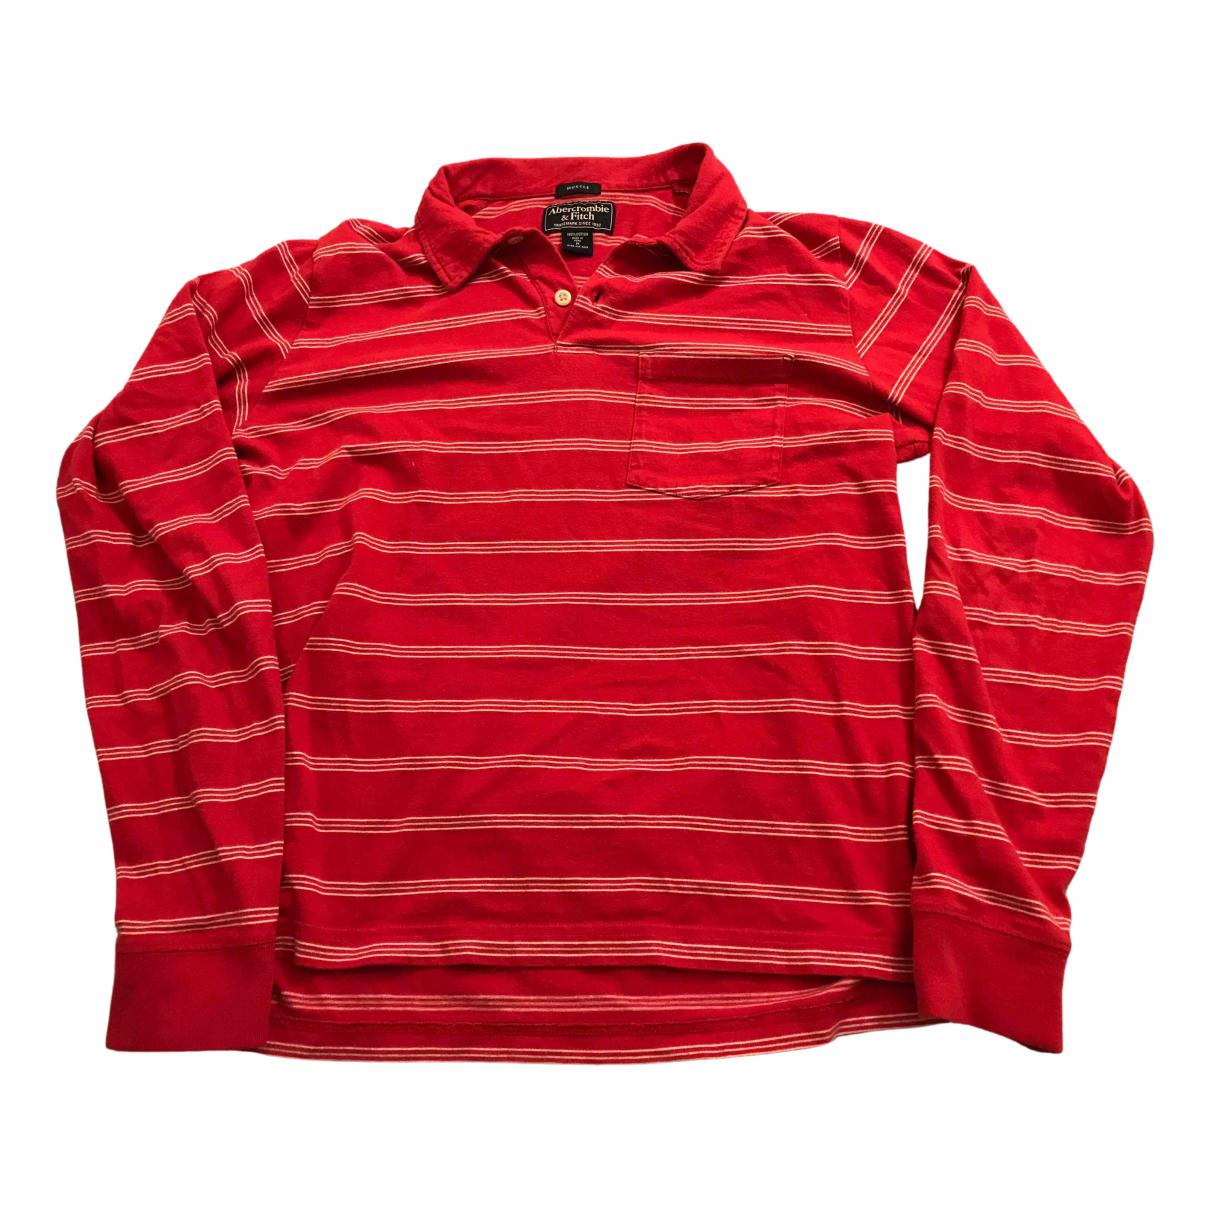 Abercrombie & Fitch - Tee shirts   pour homme en coton - rouge